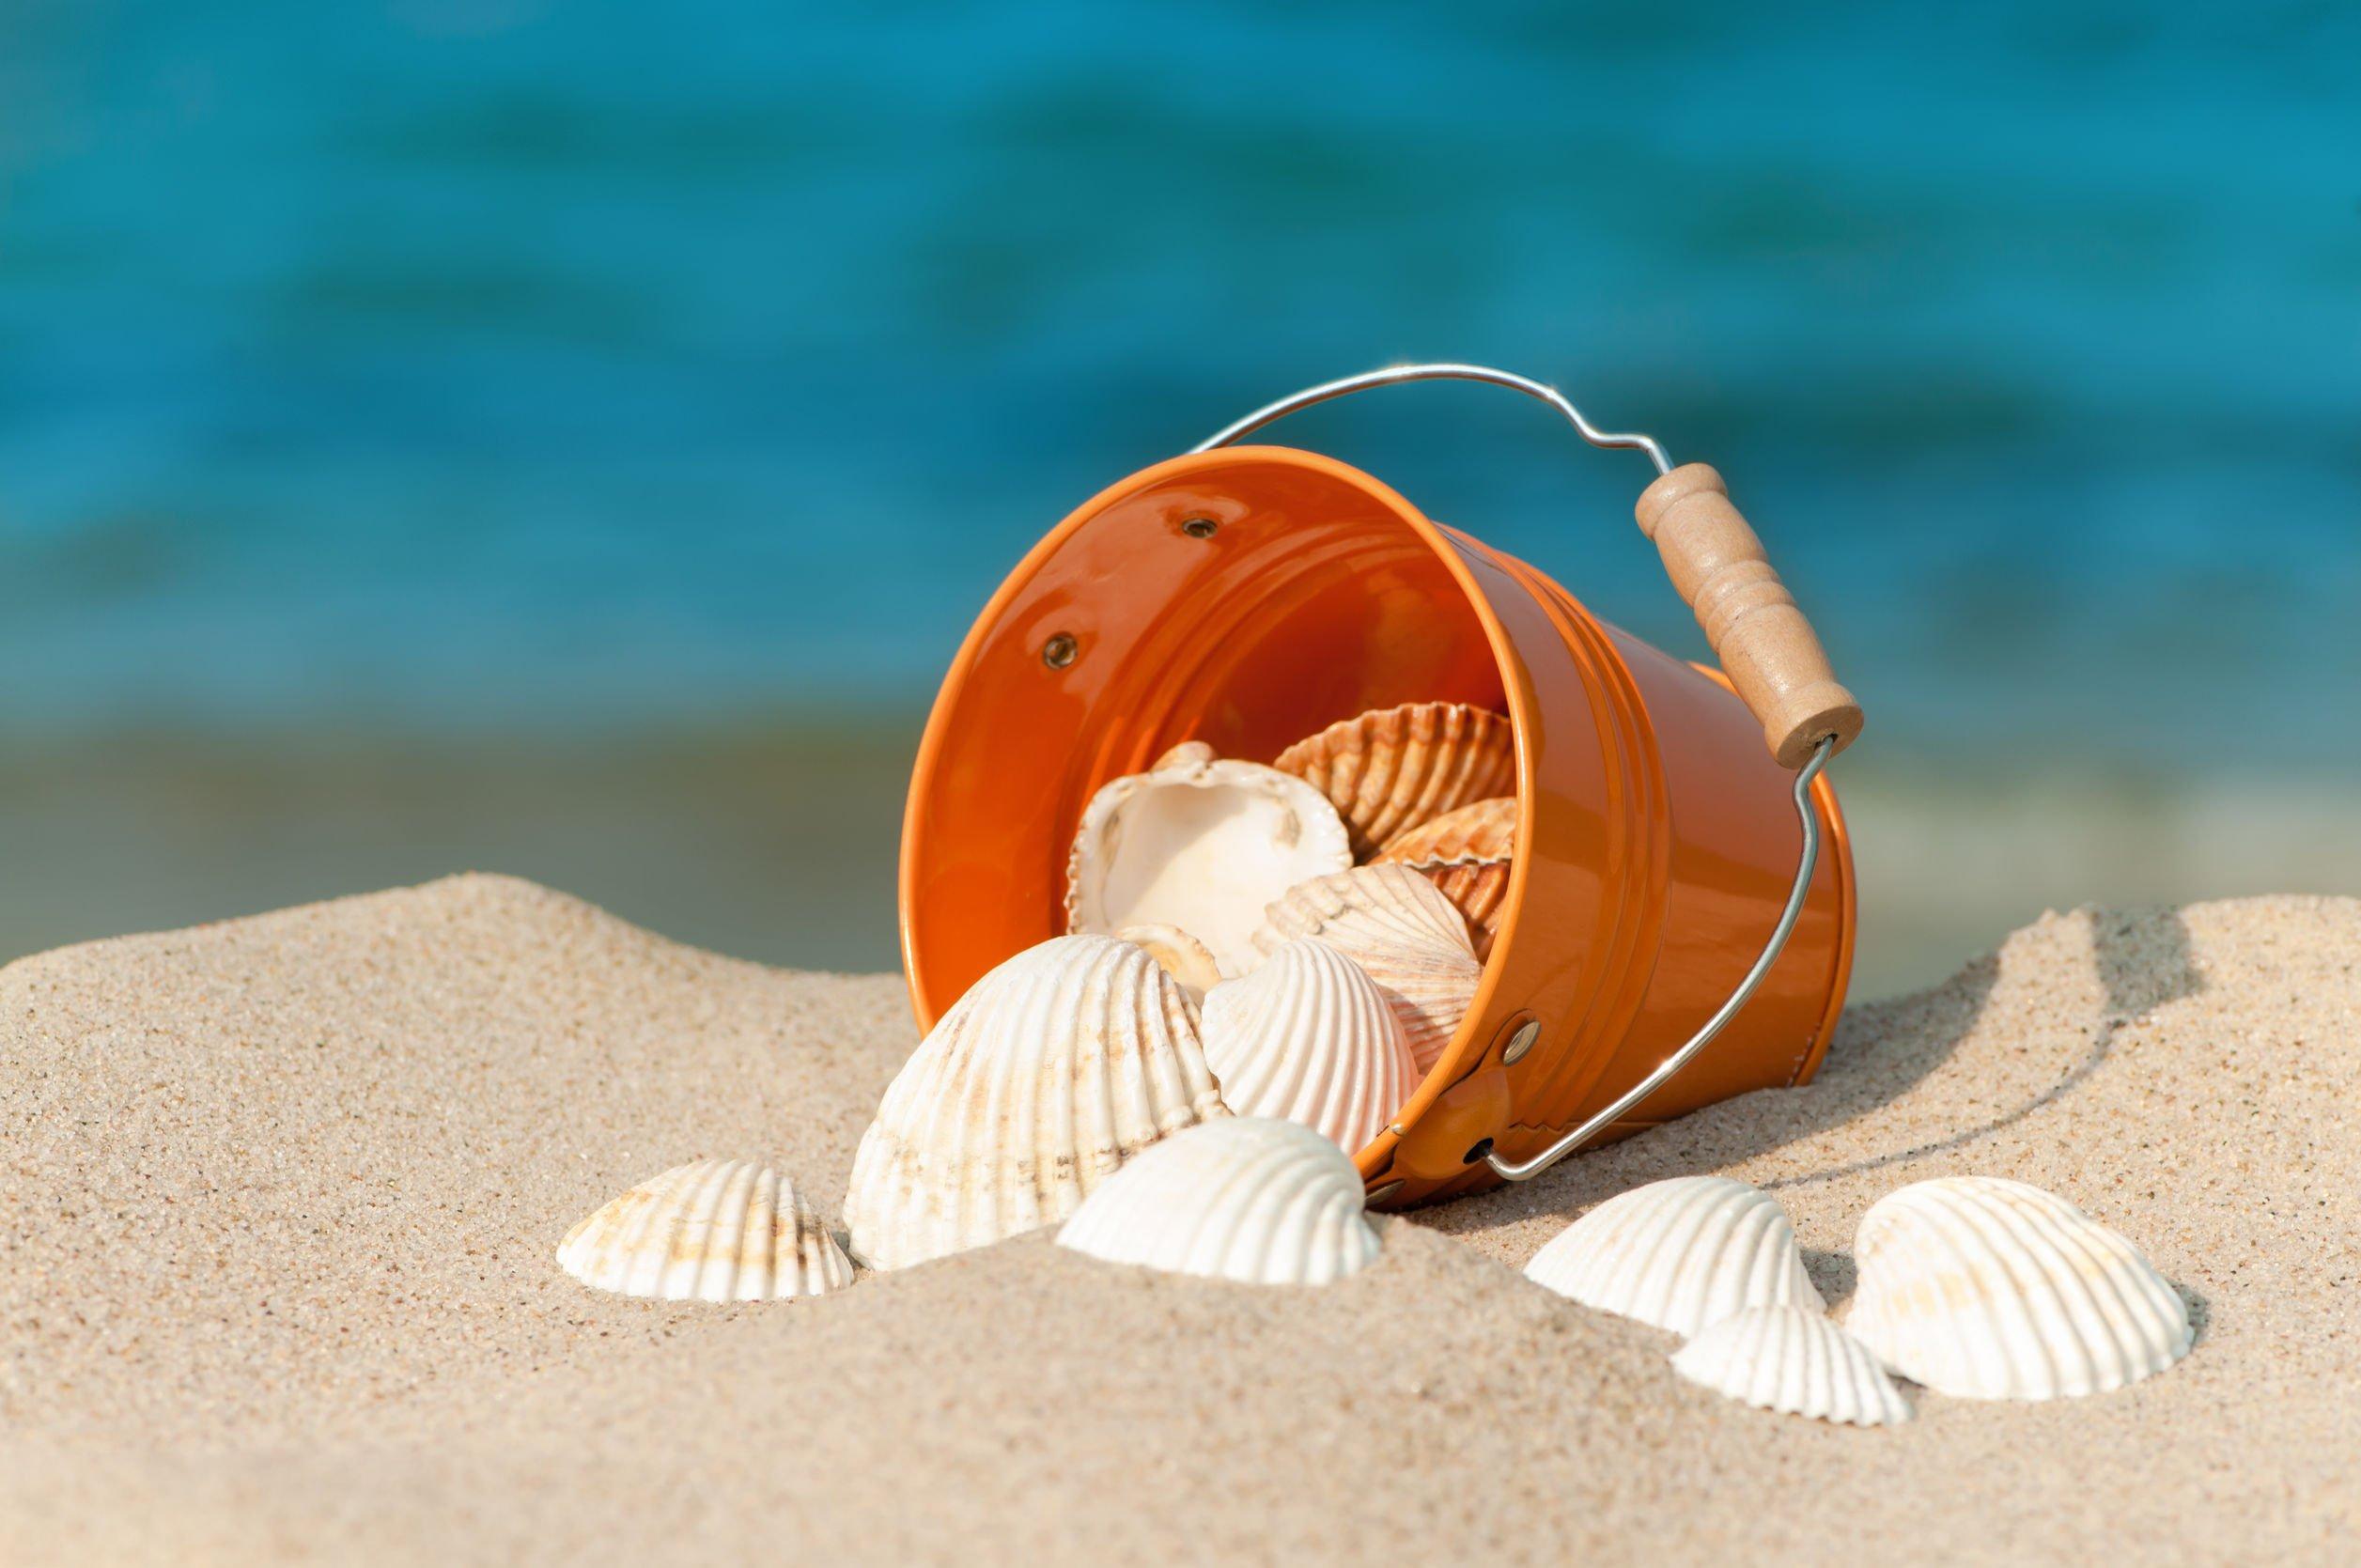 Sabbia e conchiglie per ricordo si rischia una multa salata - Immagini di spongebob e sabbia ...